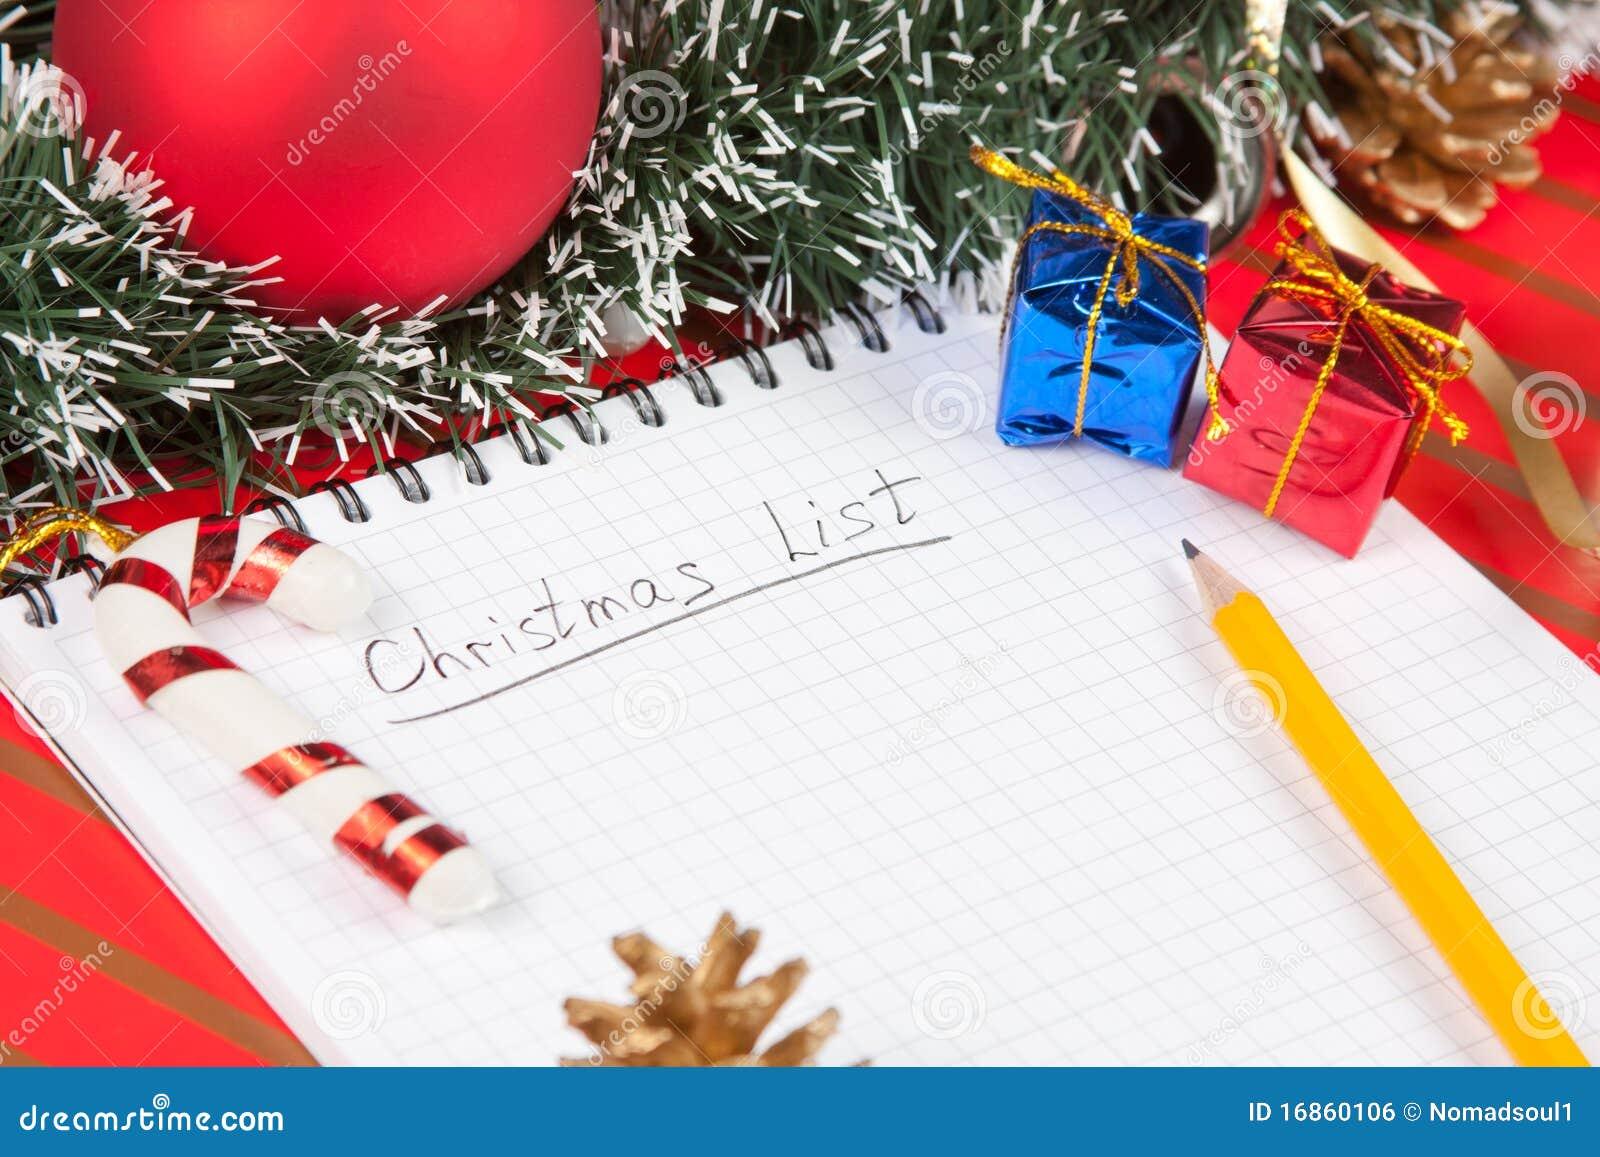 Lista e decoração do Natal